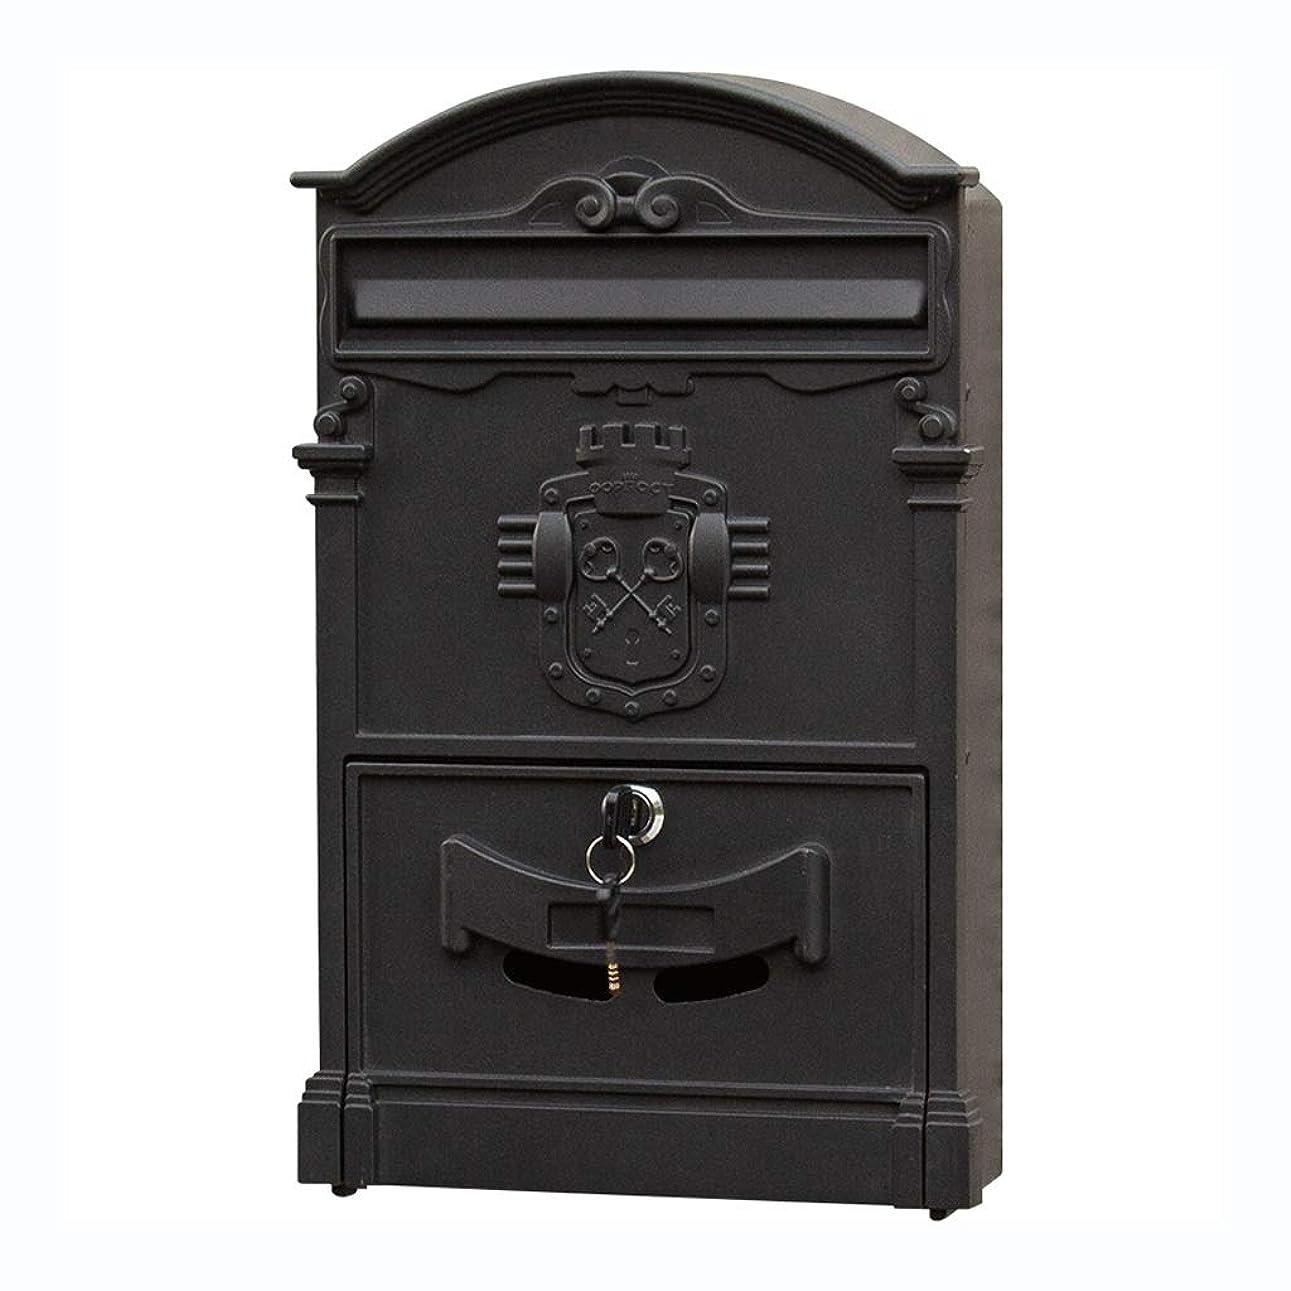 中古連続的アルプスロックメールボックス付きメールボックスヴィラ屋外の防水レターボックス壁ポストボックス提案ボックスクリエイティブレトロなメールボックス (色 : B)